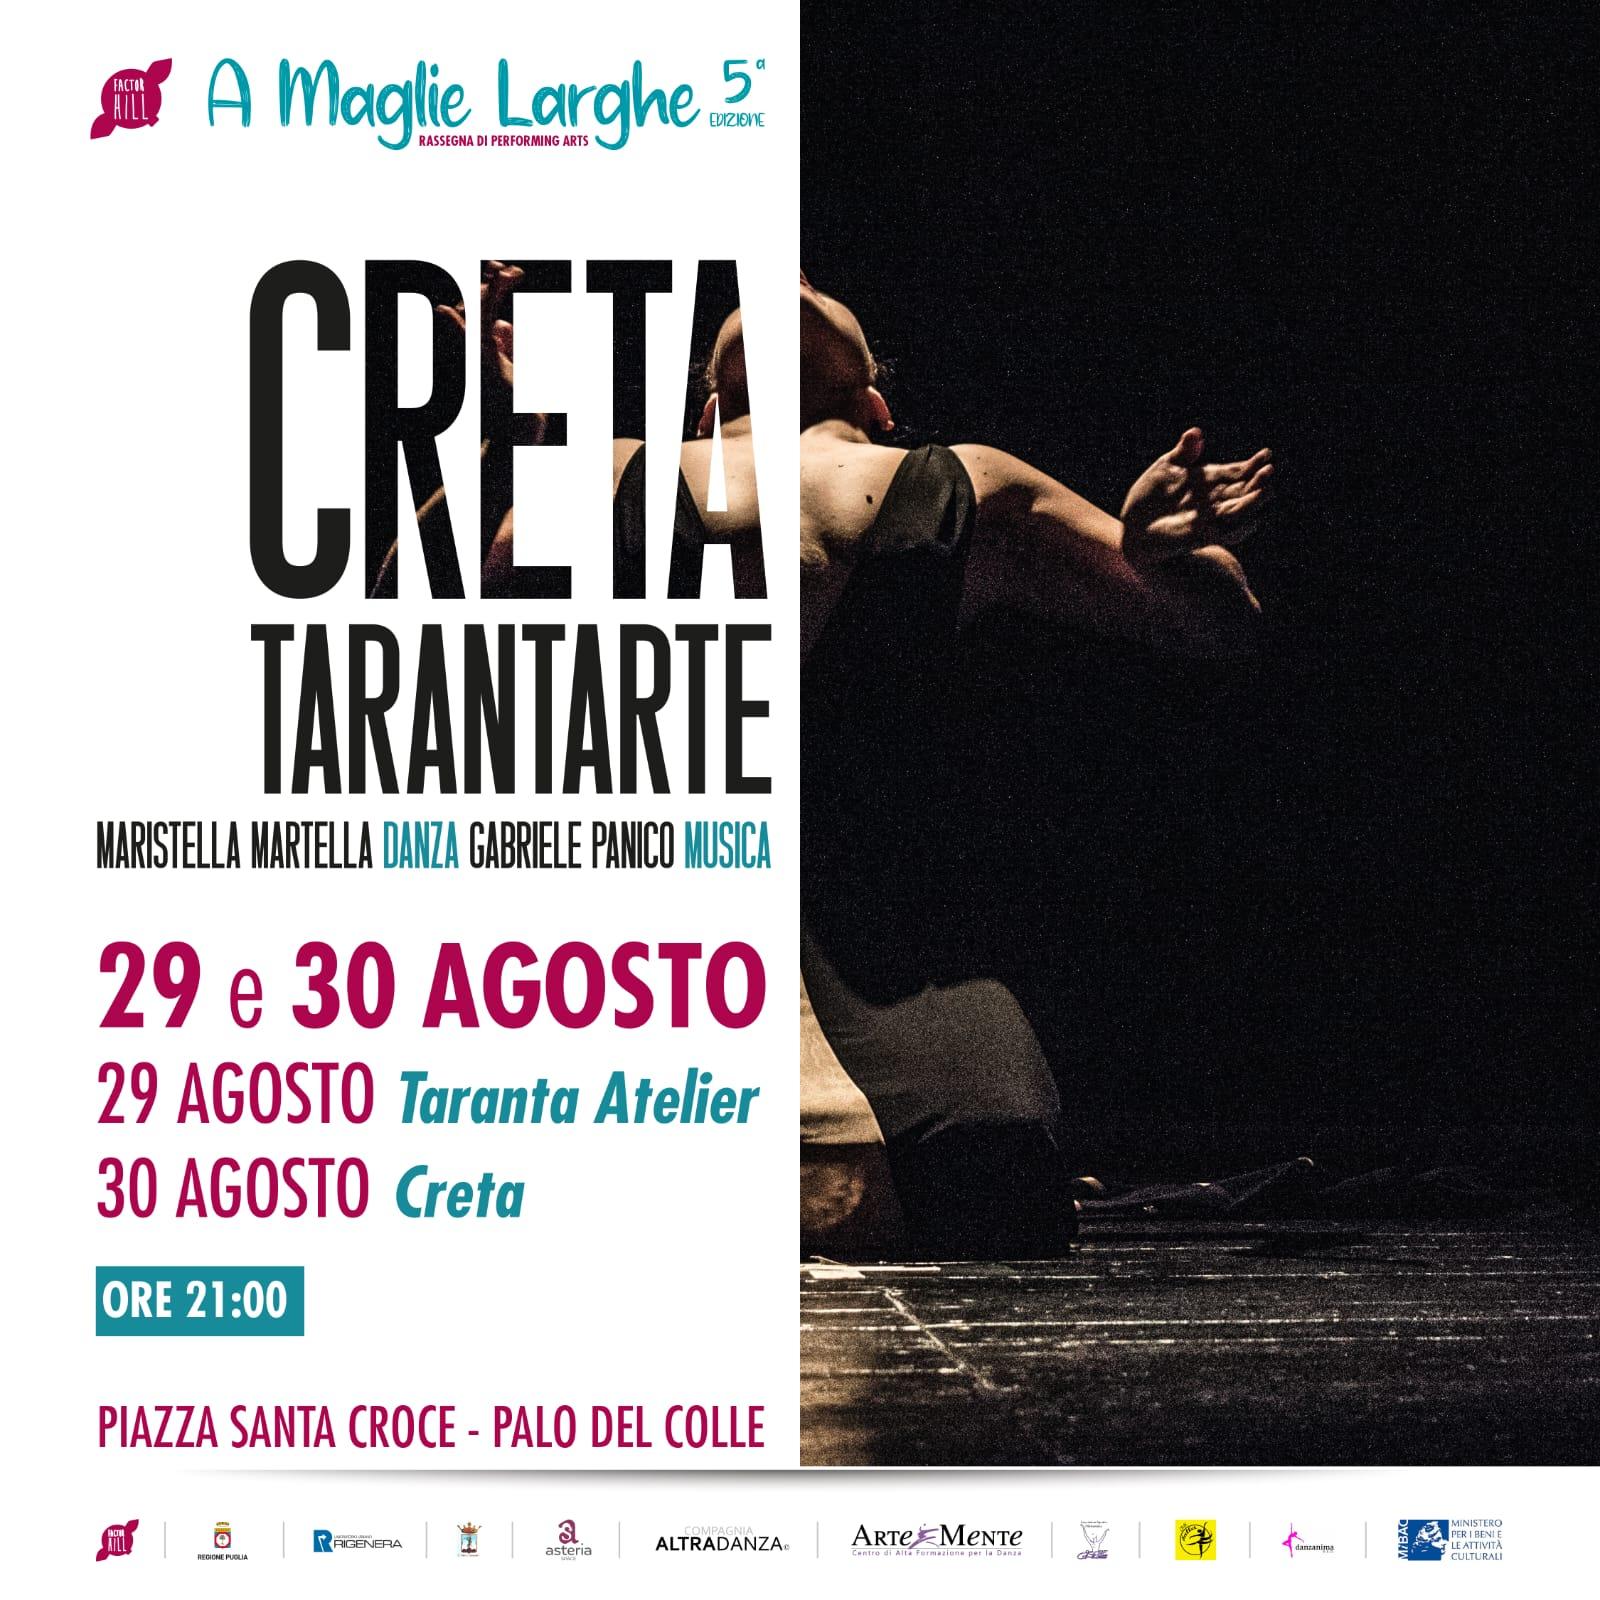 Maristella Martella, locandina, evento